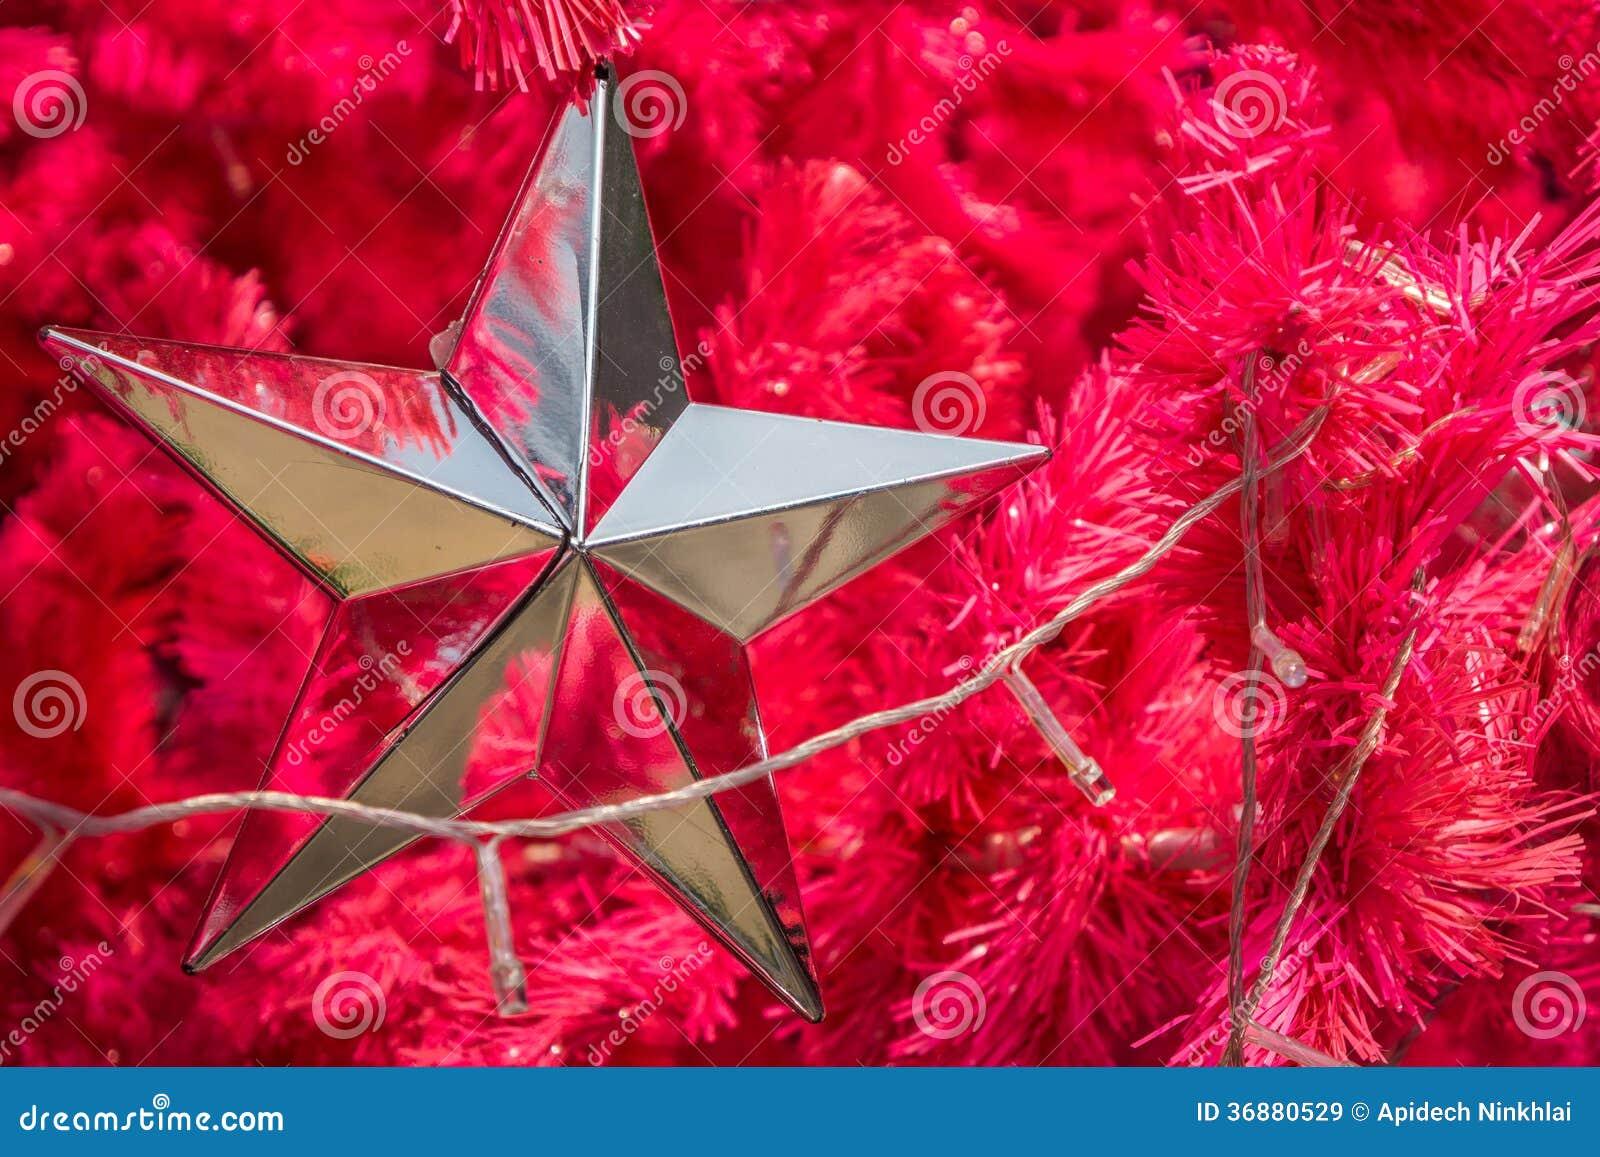 Download Stagione festiva di Natale immagine stock. Immagine di festival - 36880529